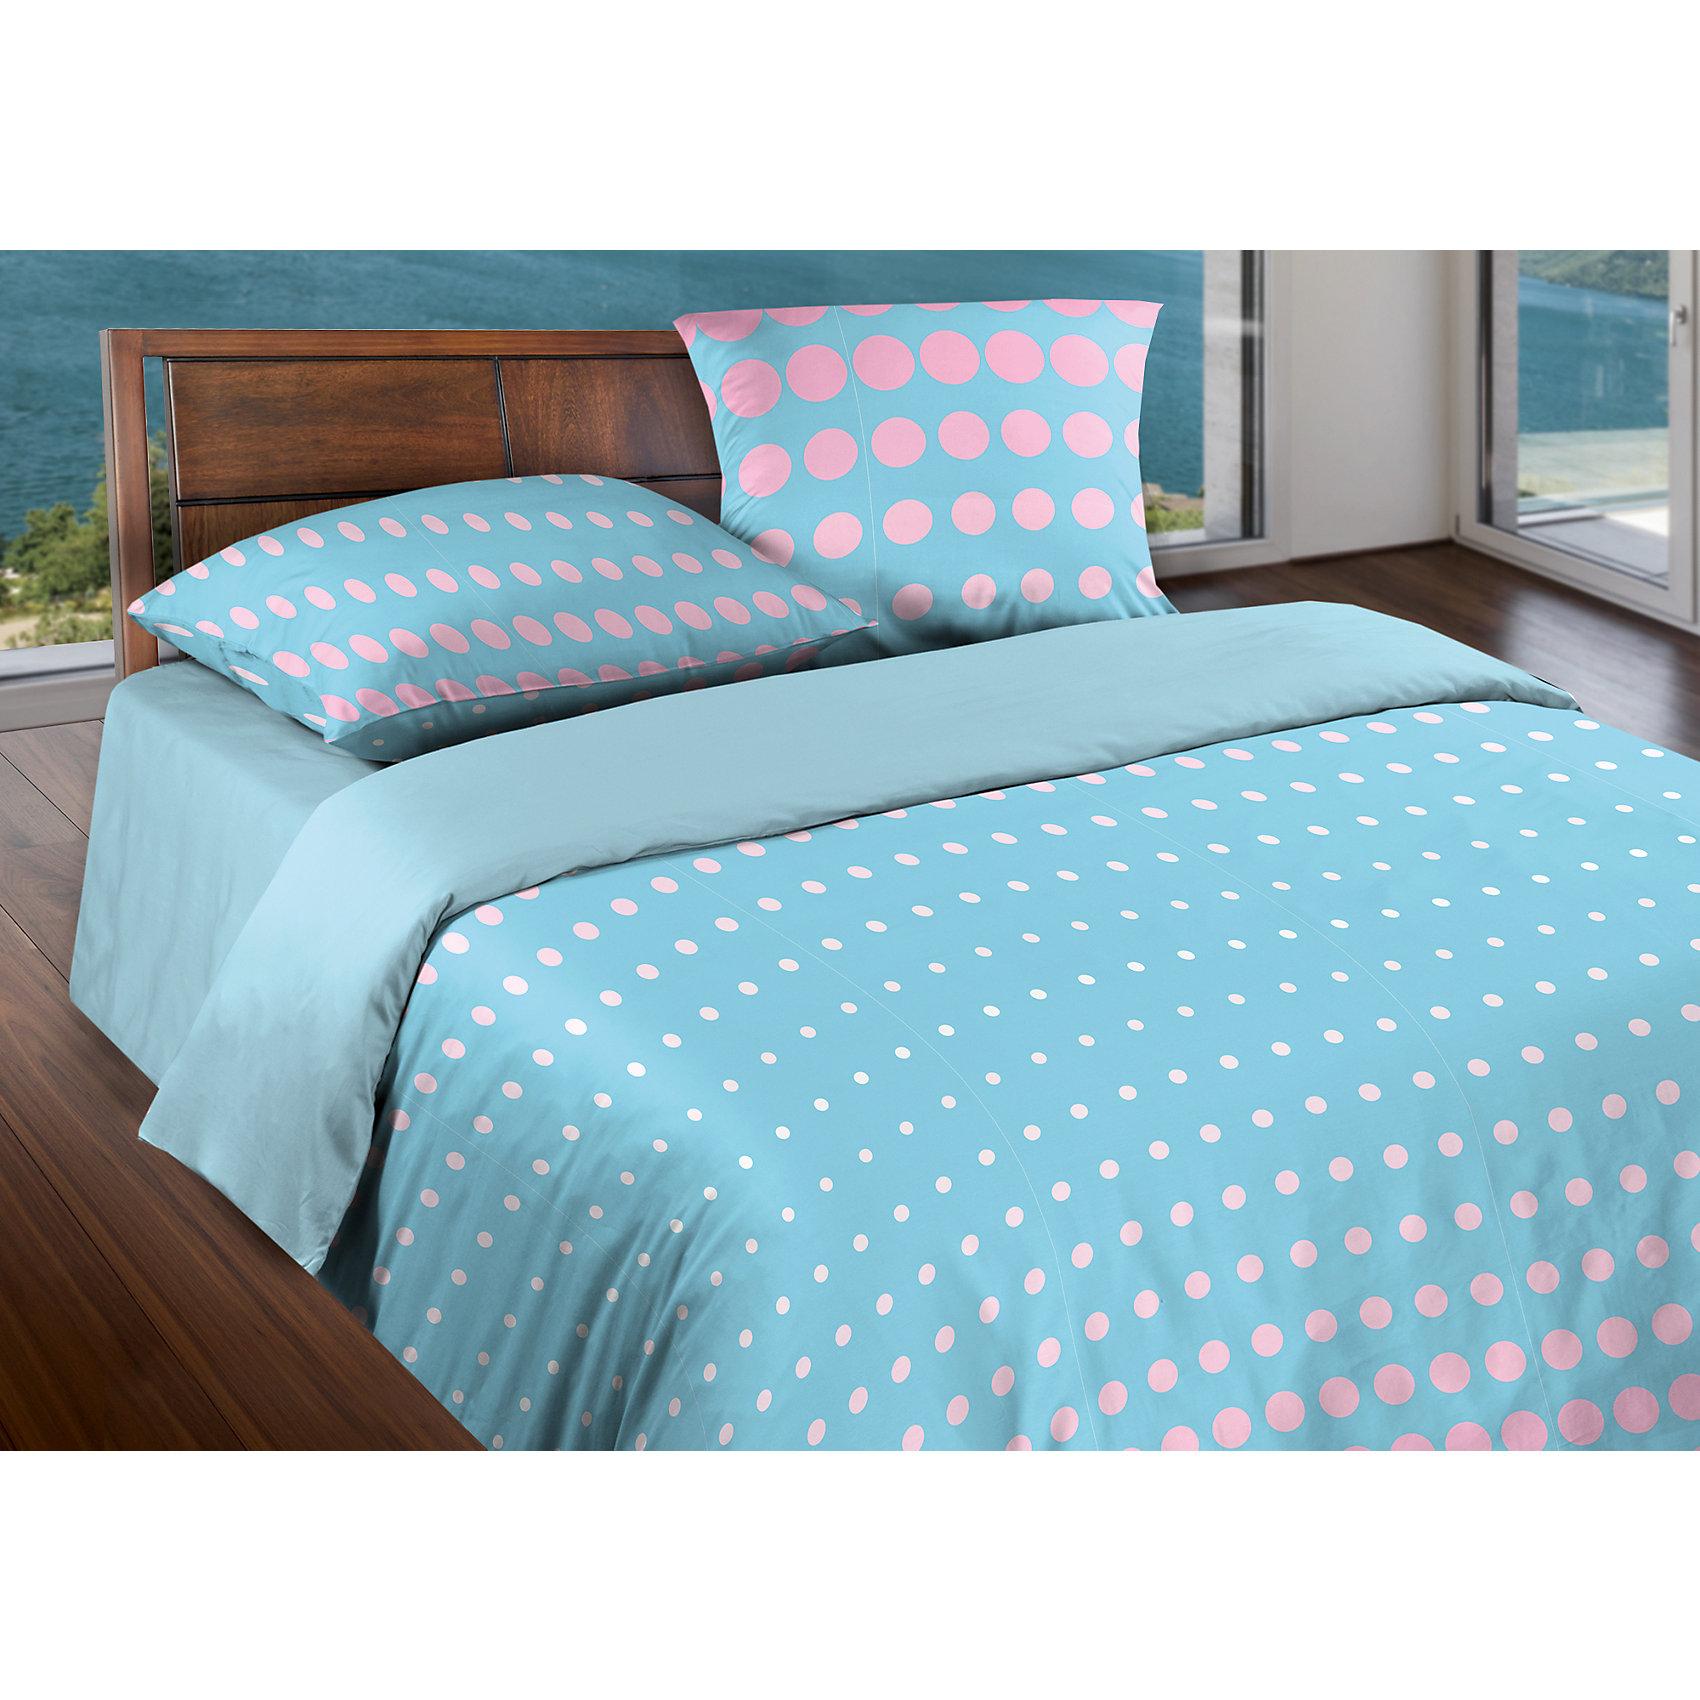 Комплект постельного белья БИО Комфорт Dot Pink-Sky, 1,5 спальное, WengeДомашний текстиль<br>Комплект постельного белья БИО Комфорт Dot Pink-Sky, 1,5 спальное, Wenge (Венге)<br><br>Характеристики:<br><br>• изготовлено из натуральной, биологически чистой ткани<br>• высокая износостойкость<br>• приятное на ощупь<br>• оригинальный дизайн<br>• тип комплекта: 1,5-спальный<br>• материал: БИО комфорт (100% хлопок)<br>• в комплекте: простыня, пододеяльник, наволочка (2 шт.)<br>• размер простыни: 150х220 см<br>• размер пододеяльника: 145х215 см<br>• размер наволочки: 70х70 см<br>• размер упаковки: 25х8х35 см<br>• вес: 1400 грамм<br><br>Постельное бельё Dot Pink-Sky изготовлено из качественного материала БИО комфорт. Это хлопковая бязь, обладающая высокой мягкостью и износостойкостью. БИО комфорт не вызывает аллергии и раздражения на коже. Яркость белья сохраняется даже после многочисленных стирок. Комплект оформлен рисунком розовых и белых кругов на голубом фоне. Это постельное белье подарит вам самые приятные сны!<br><br>Комплект постельного белья БИО Комфорт Dot Pink-Sky, 1,5 спальное, Wenge (Венге) вы можете купить в нашем интернет-магазине.<br><br>Ширина мм: 350<br>Глубина мм: 250<br>Высота мм: 80<br>Вес г: 1400<br>Возраст от месяцев: 36<br>Возраст до месяцев: 216<br>Пол: Женский<br>Возраст: Детский<br>SKU: 5430839